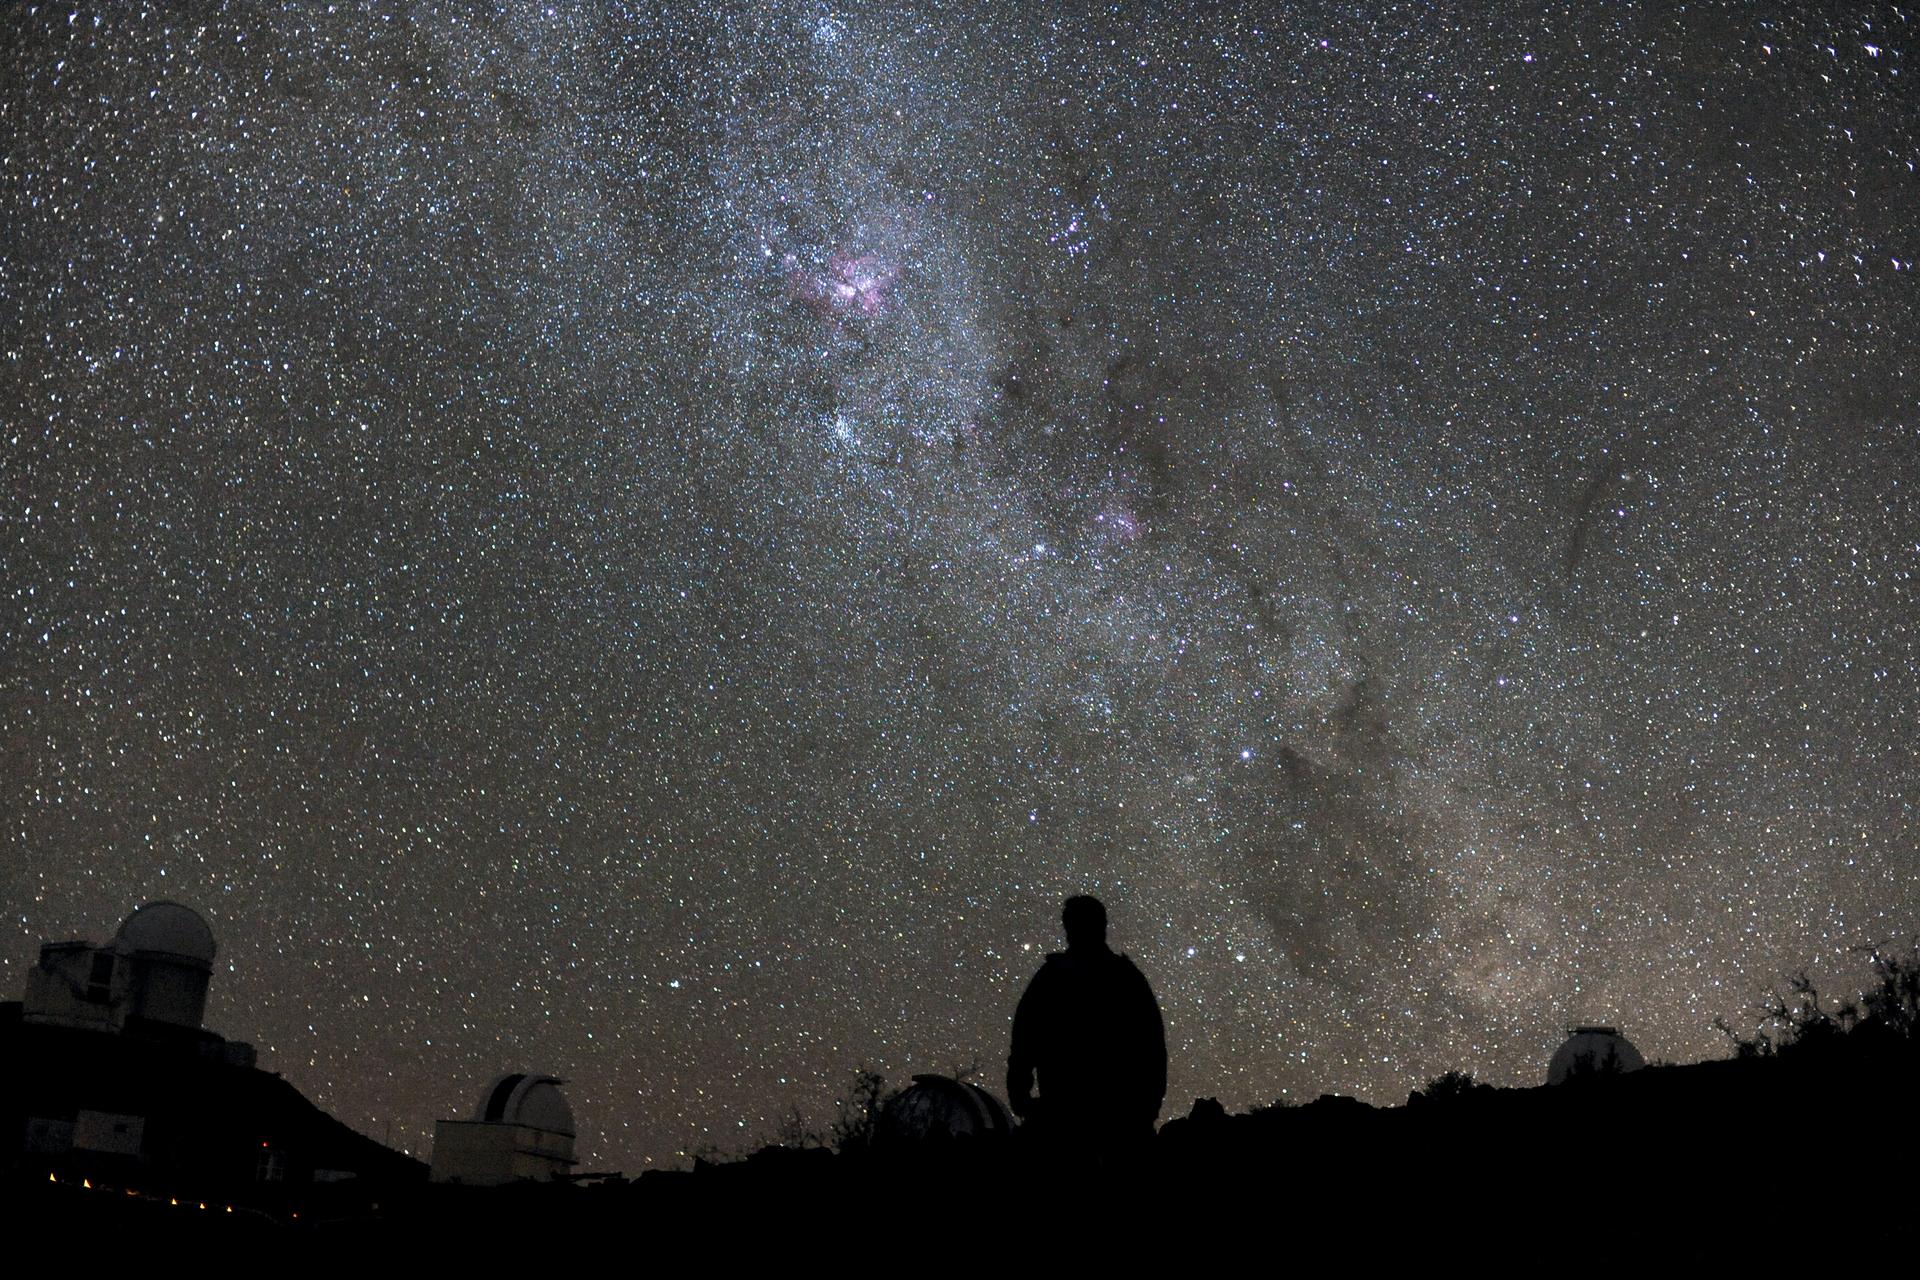 Zdjęcie przedstawia nocne niebo. Udołu fotografii widać zarys podłoża oraz osoby, która stoi po środku. Niebo ciemne, gwieździste.